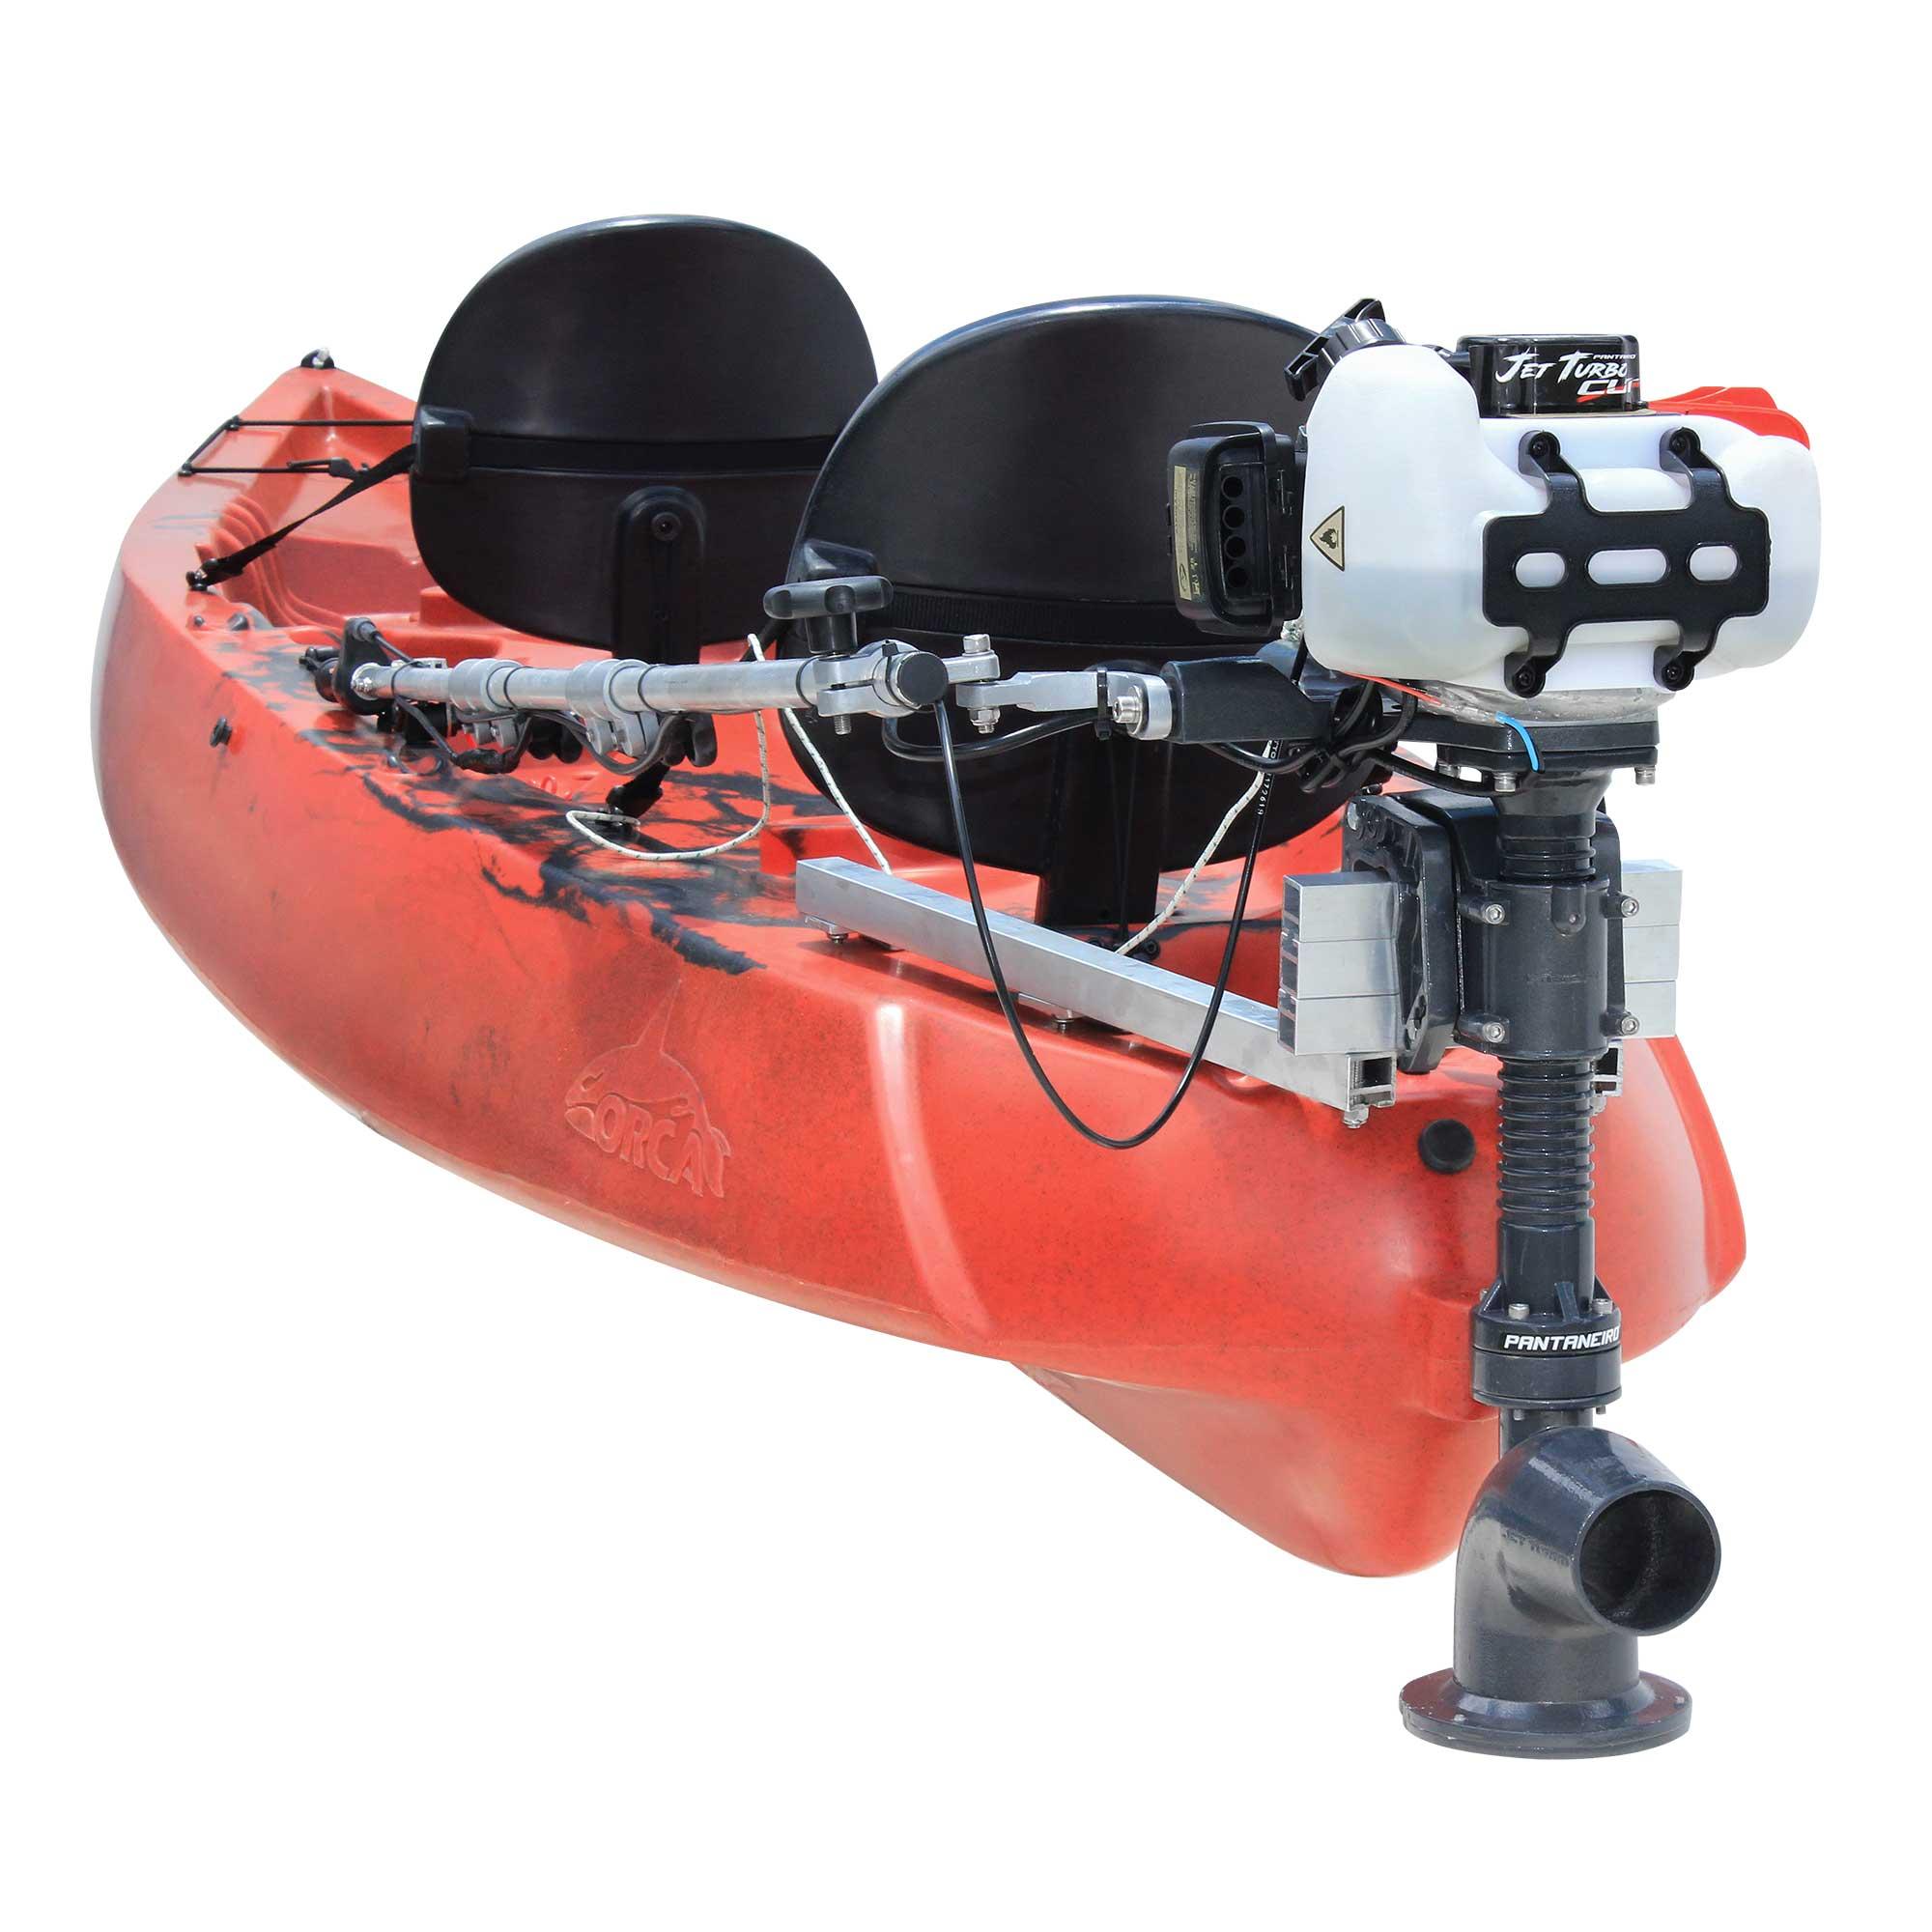 Kit Jet Turbo Cut Pantaneiro + acelerador remoto + Suporte traseiro Orca